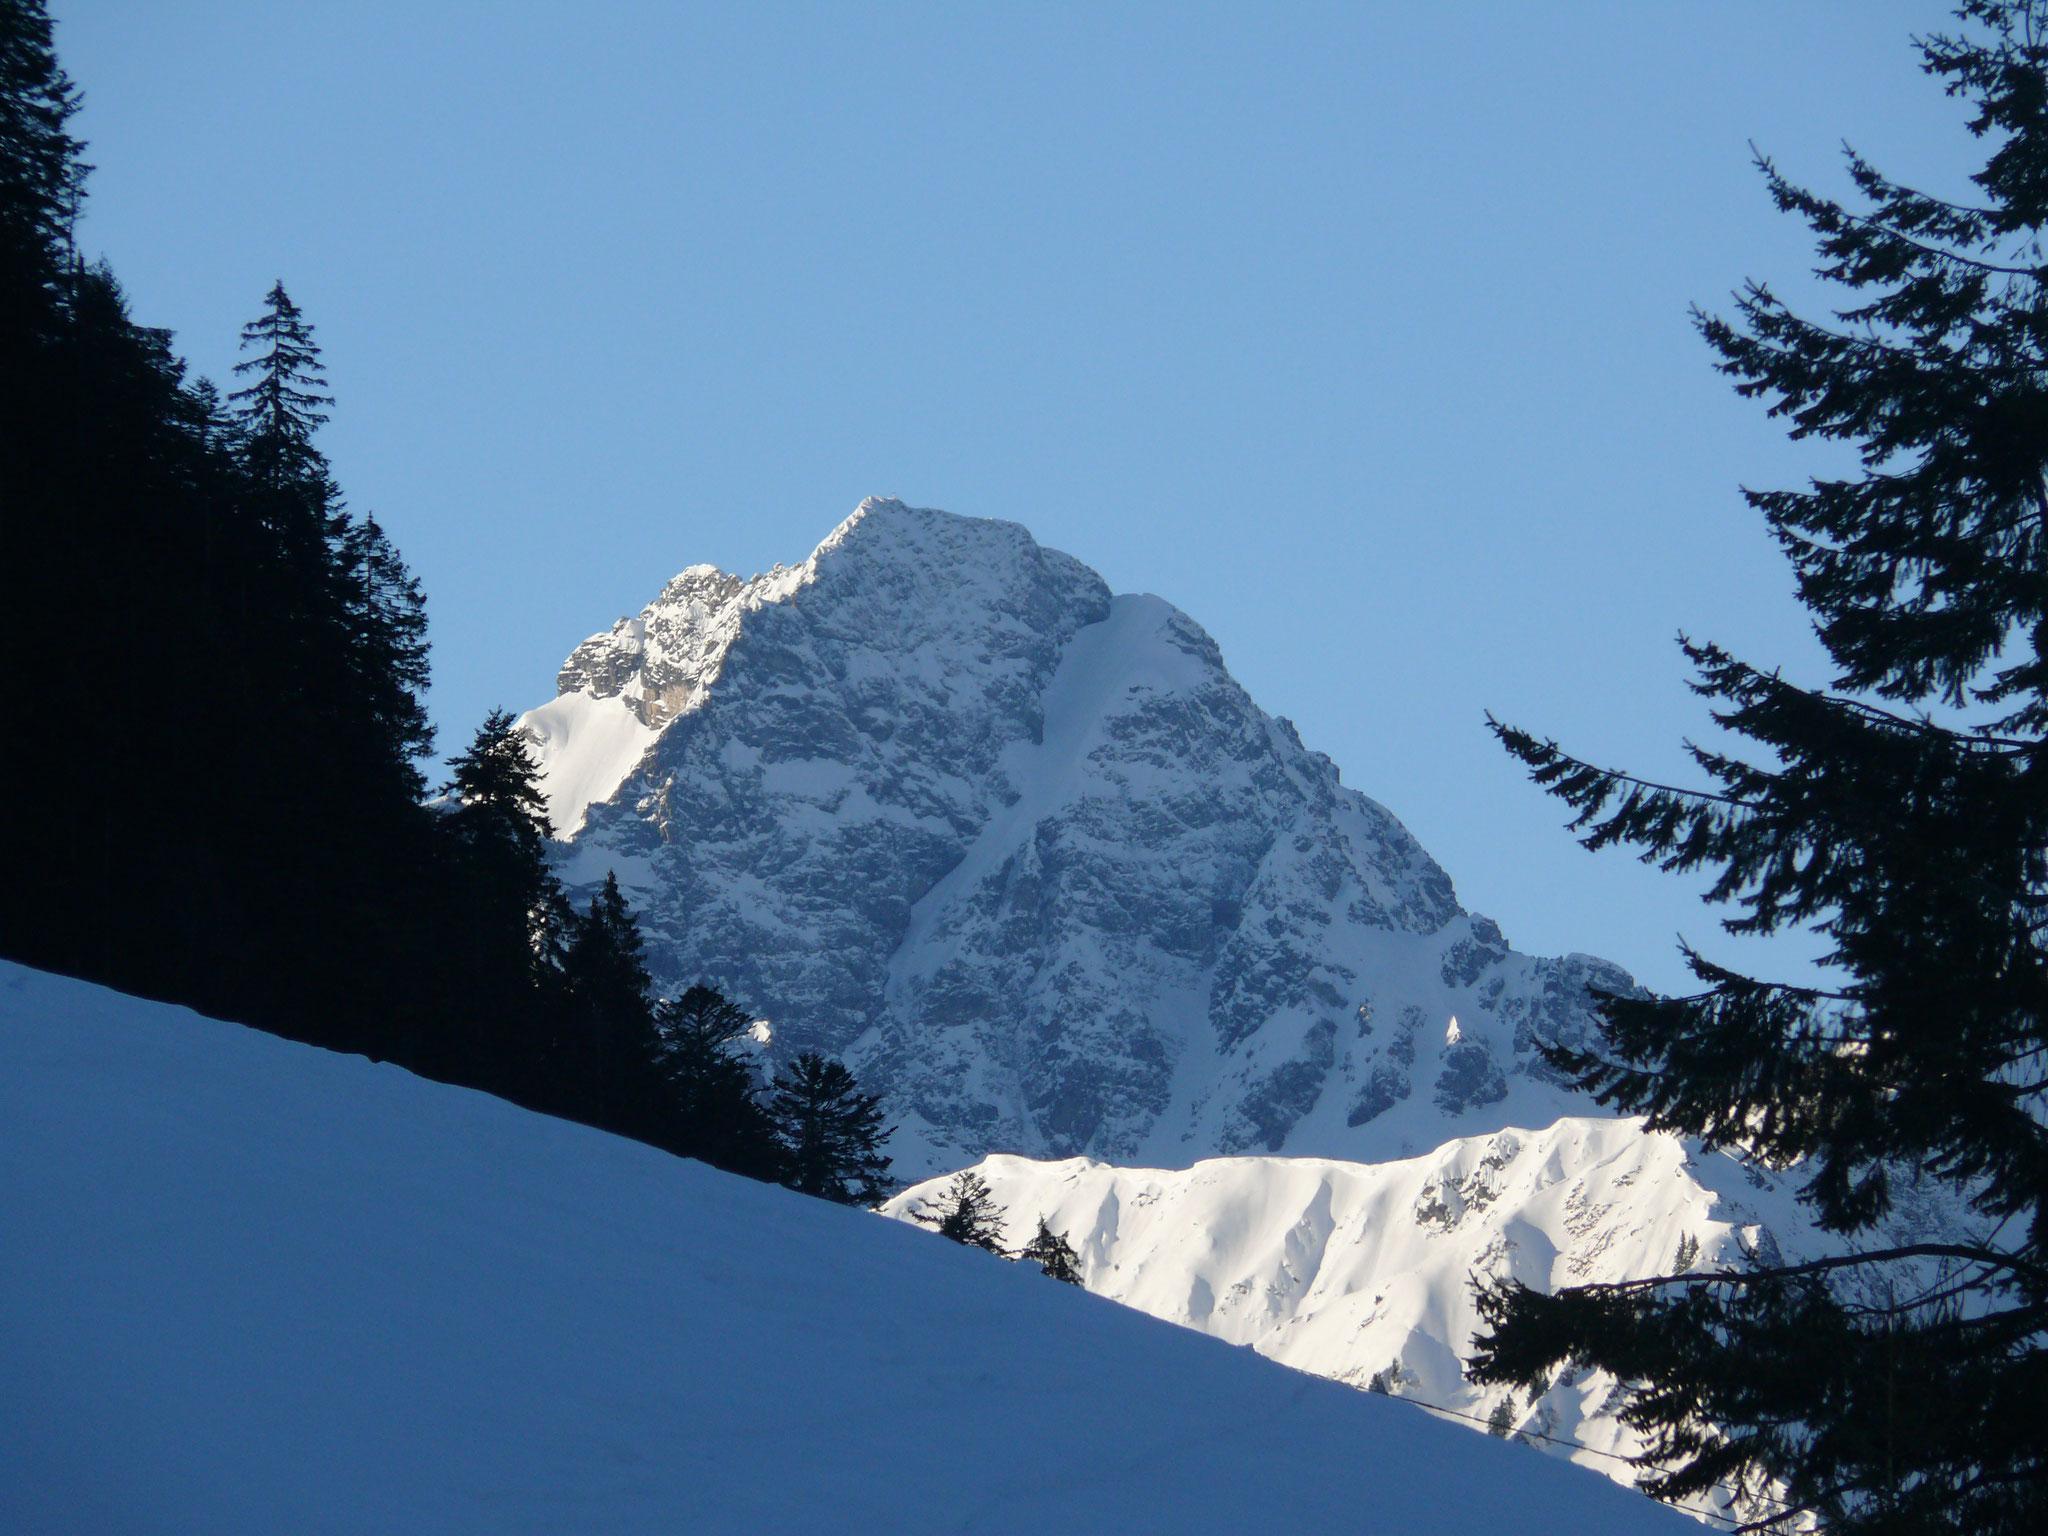 Der Gipfel des Widderstein scheint zum Greifen nahe